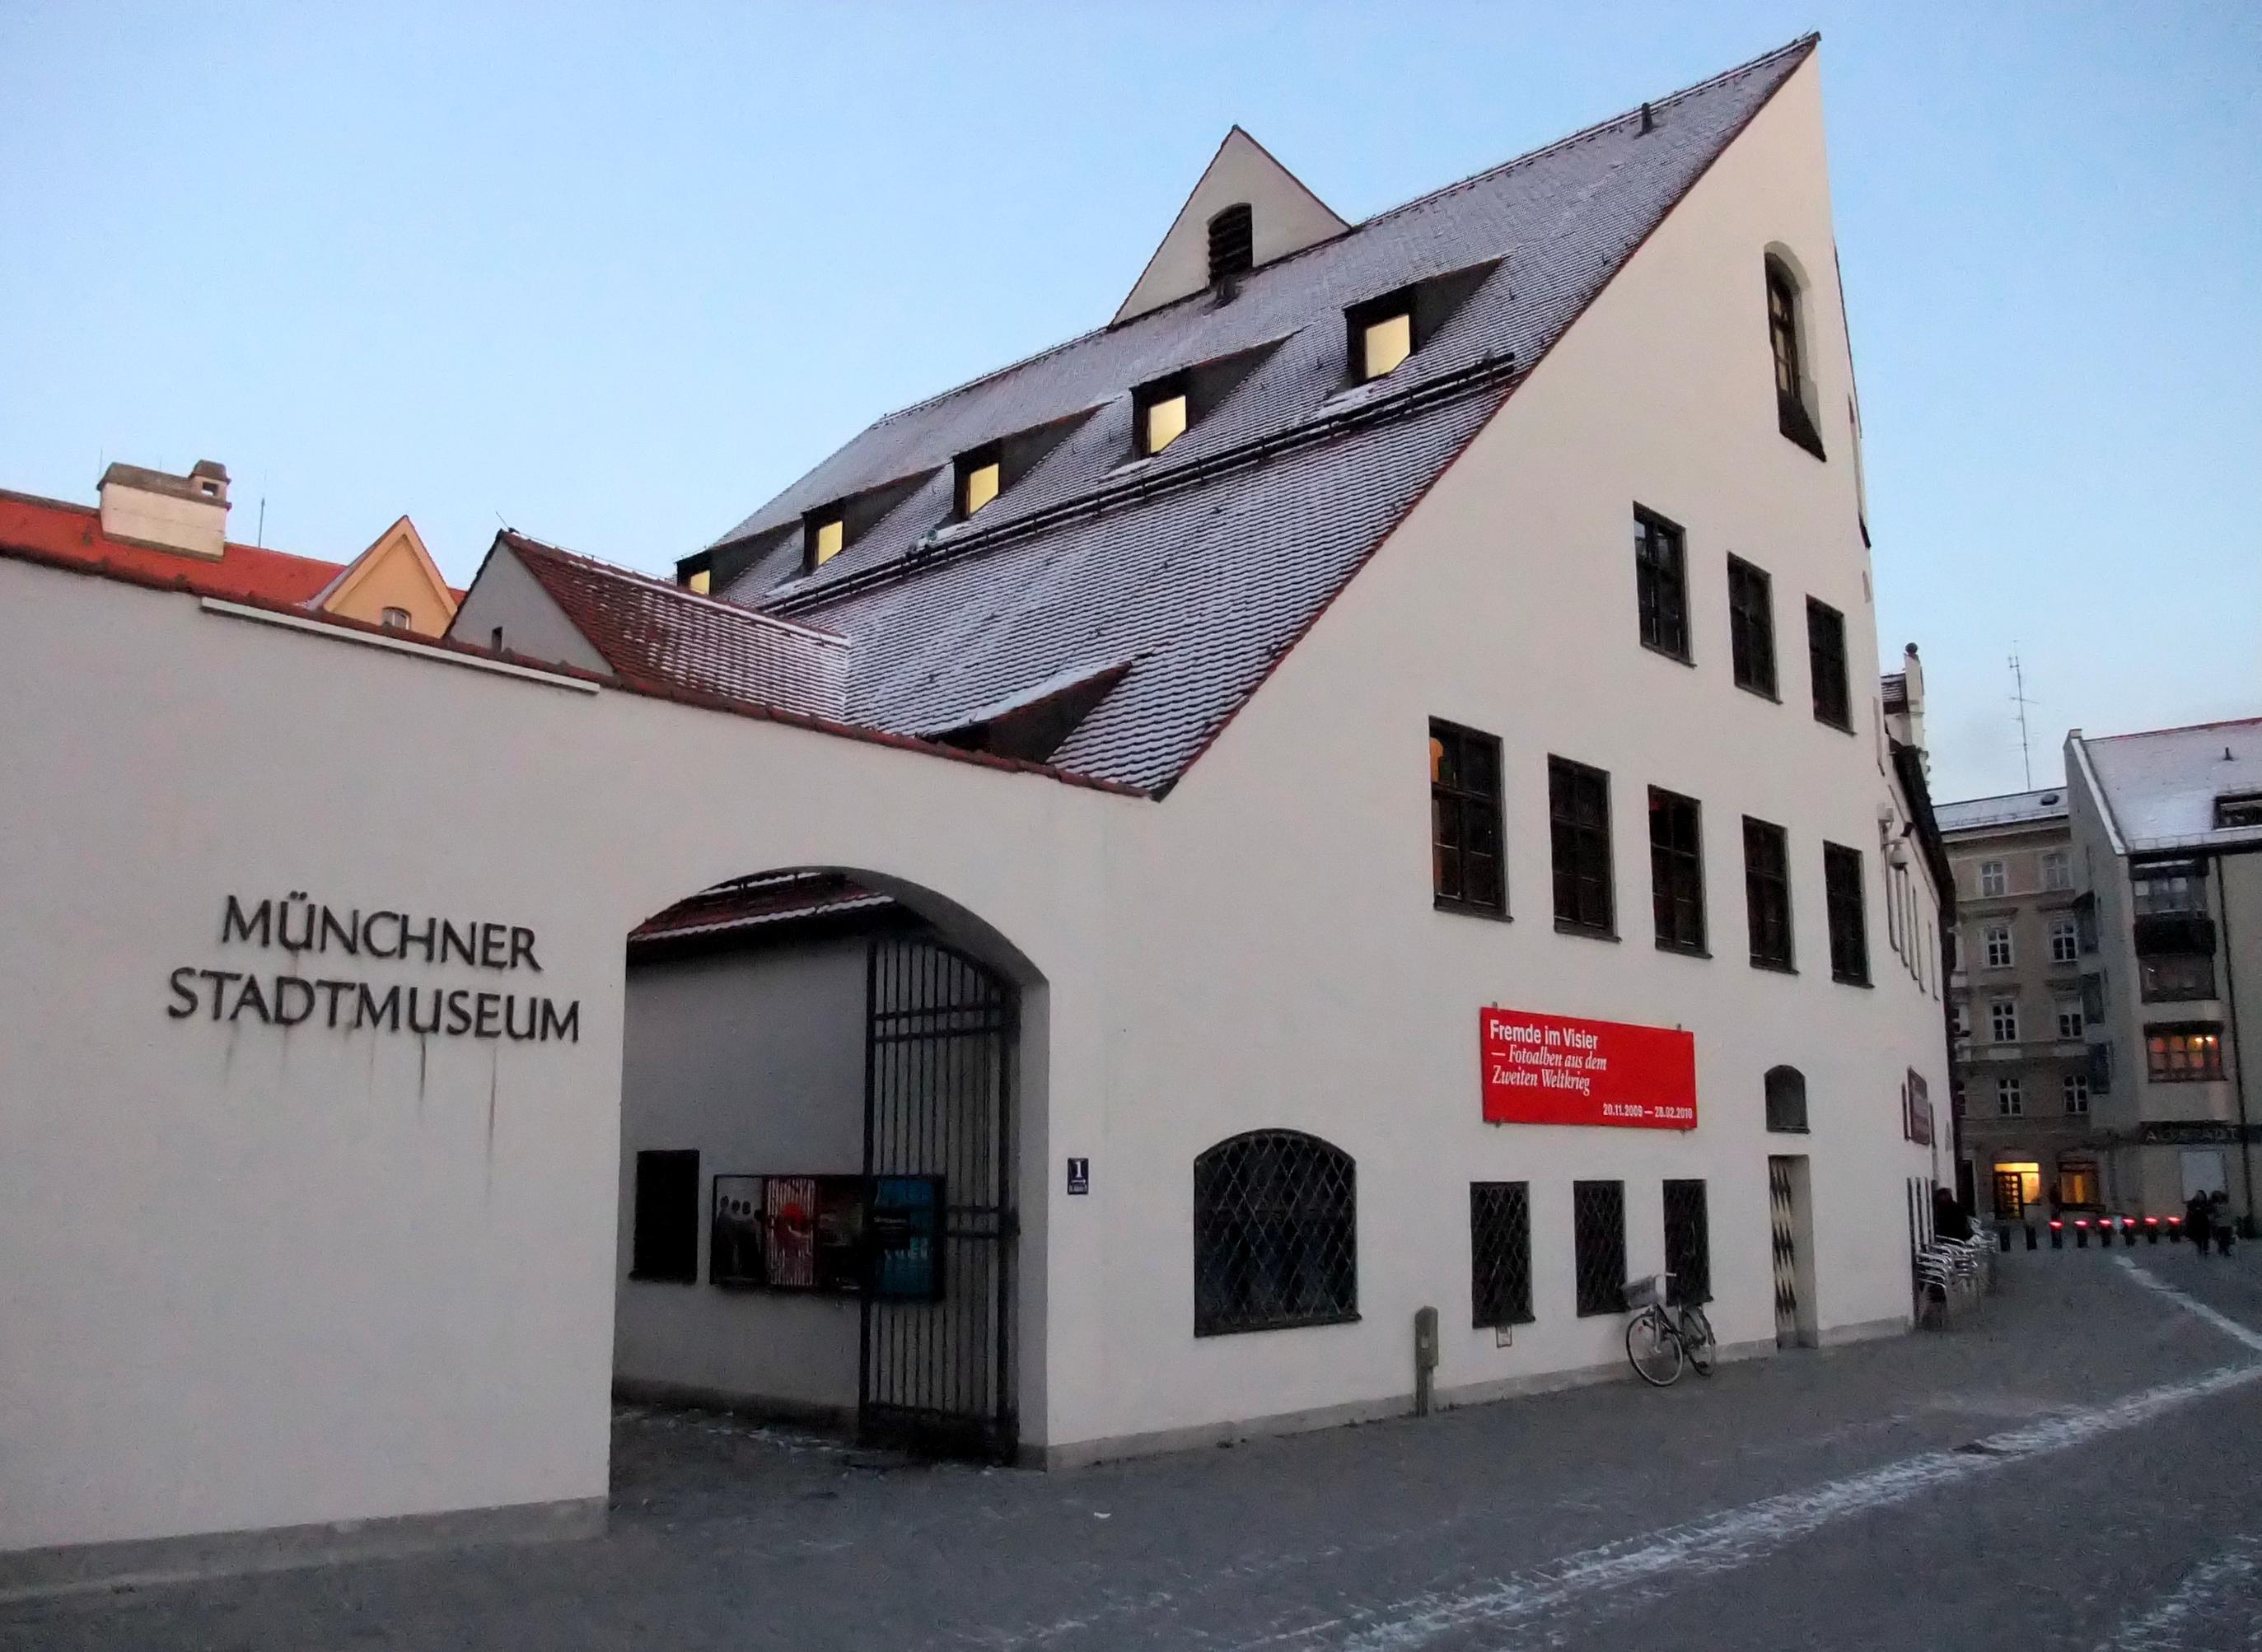 نتيجة بحث الصور عن متحف مدينة ميونخ